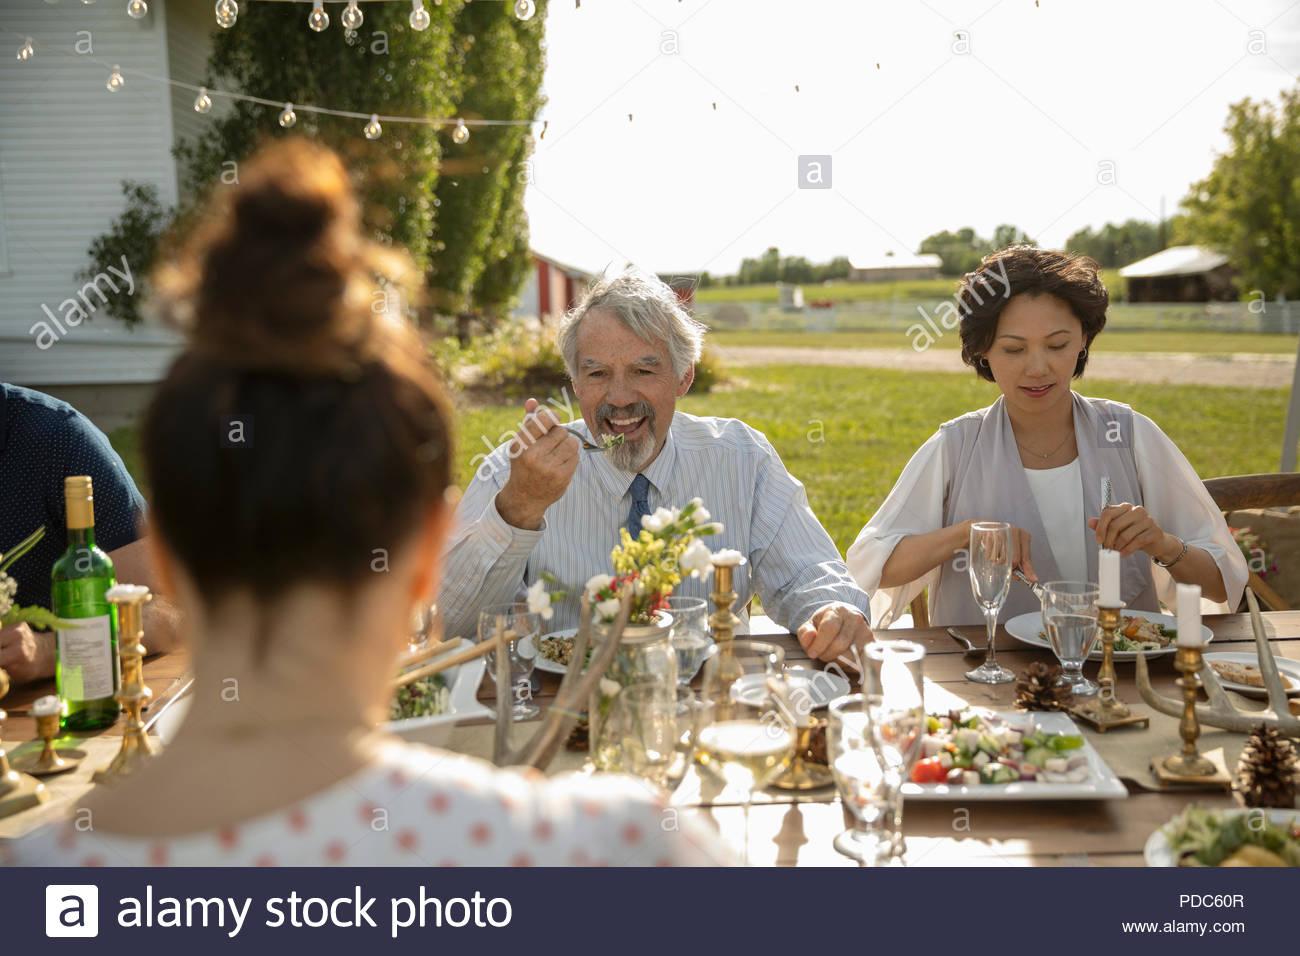 Gli amici sorseggiando garden party pranzo Immagini Stock